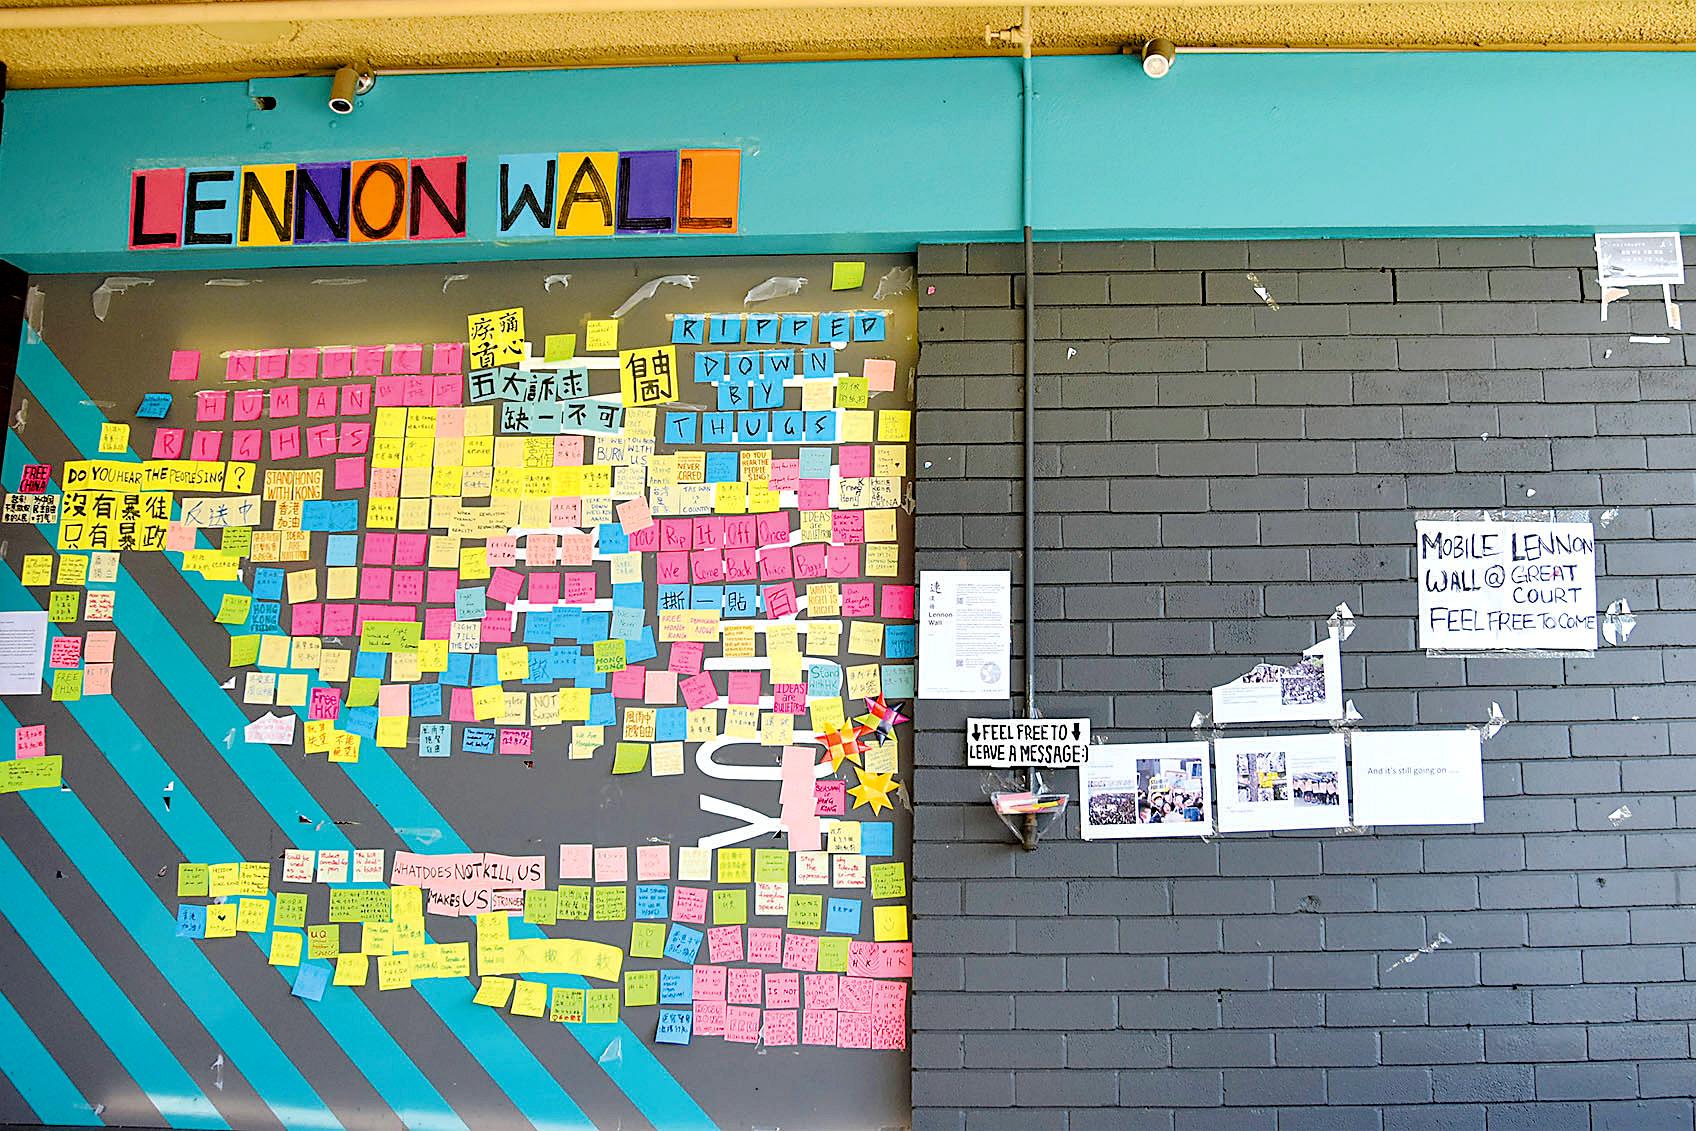 澳洲多所大學連儂牆遭毀 校方派保安維護